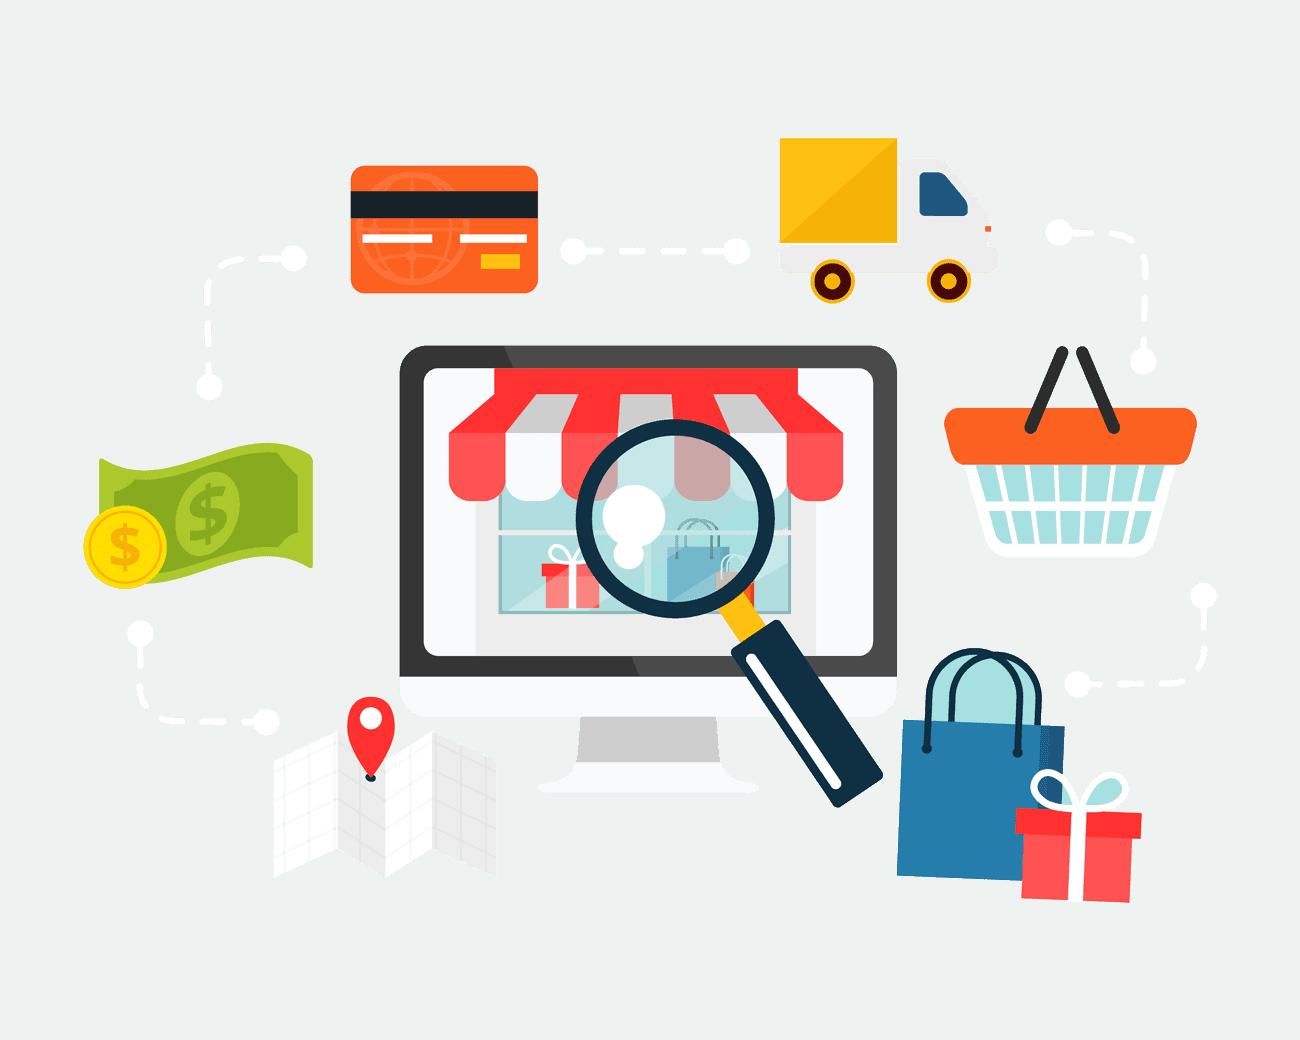 كيف فشل متجر (WebVan.com) الإلكتروني؟